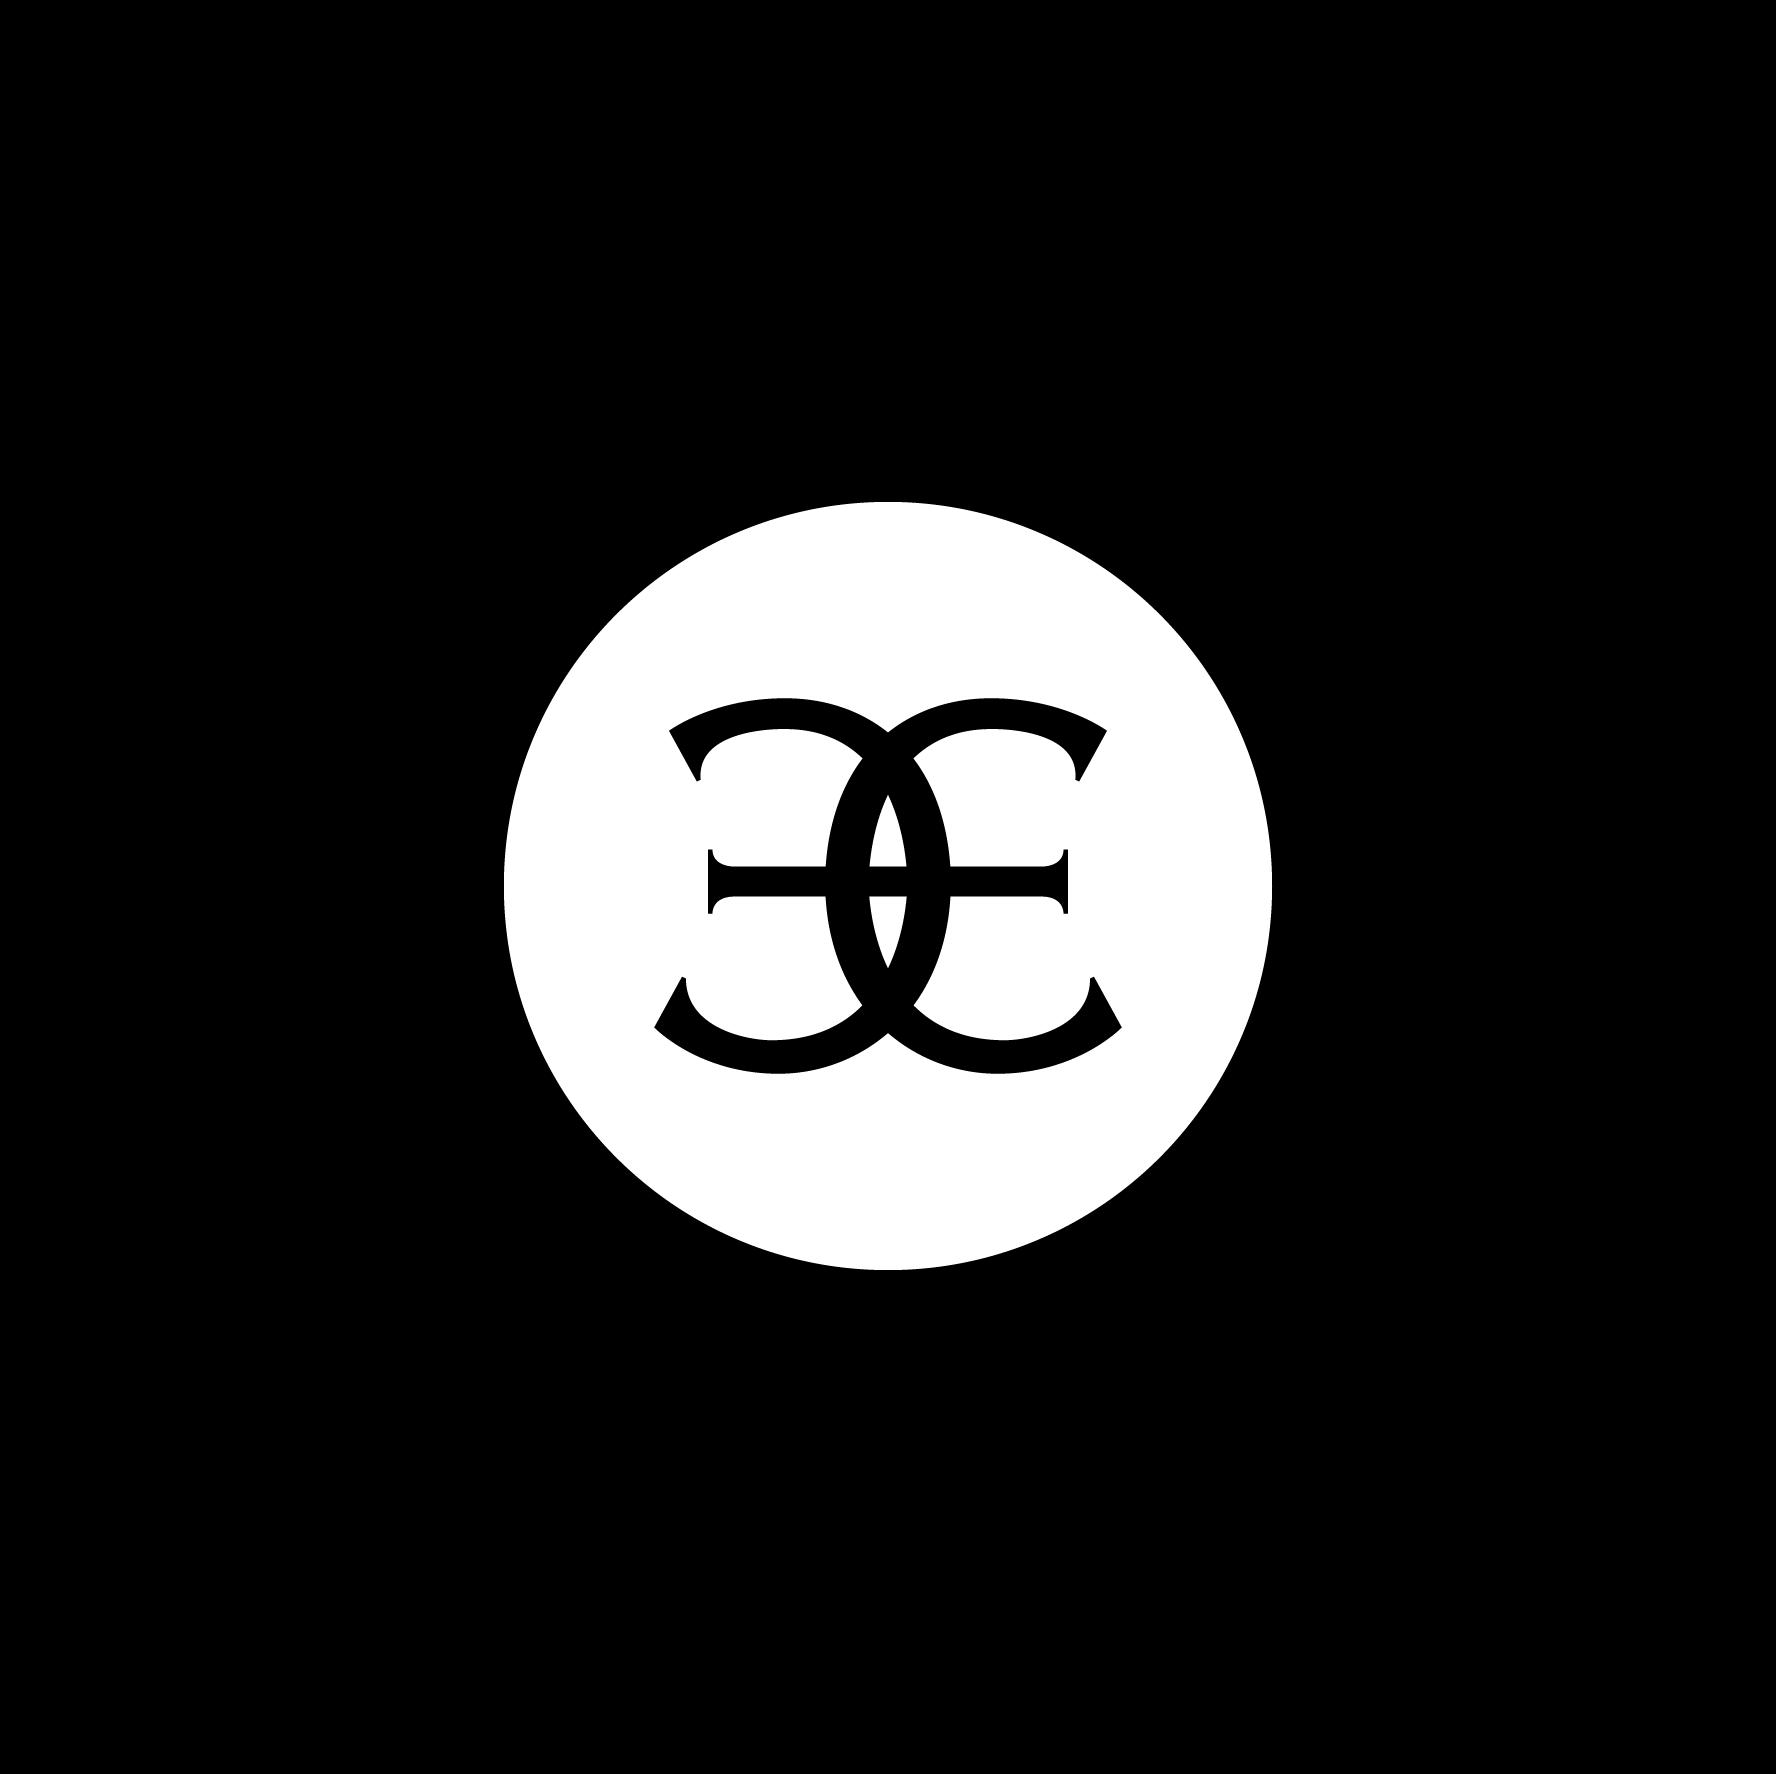 logo for Prins Eugens Waldemarsudde